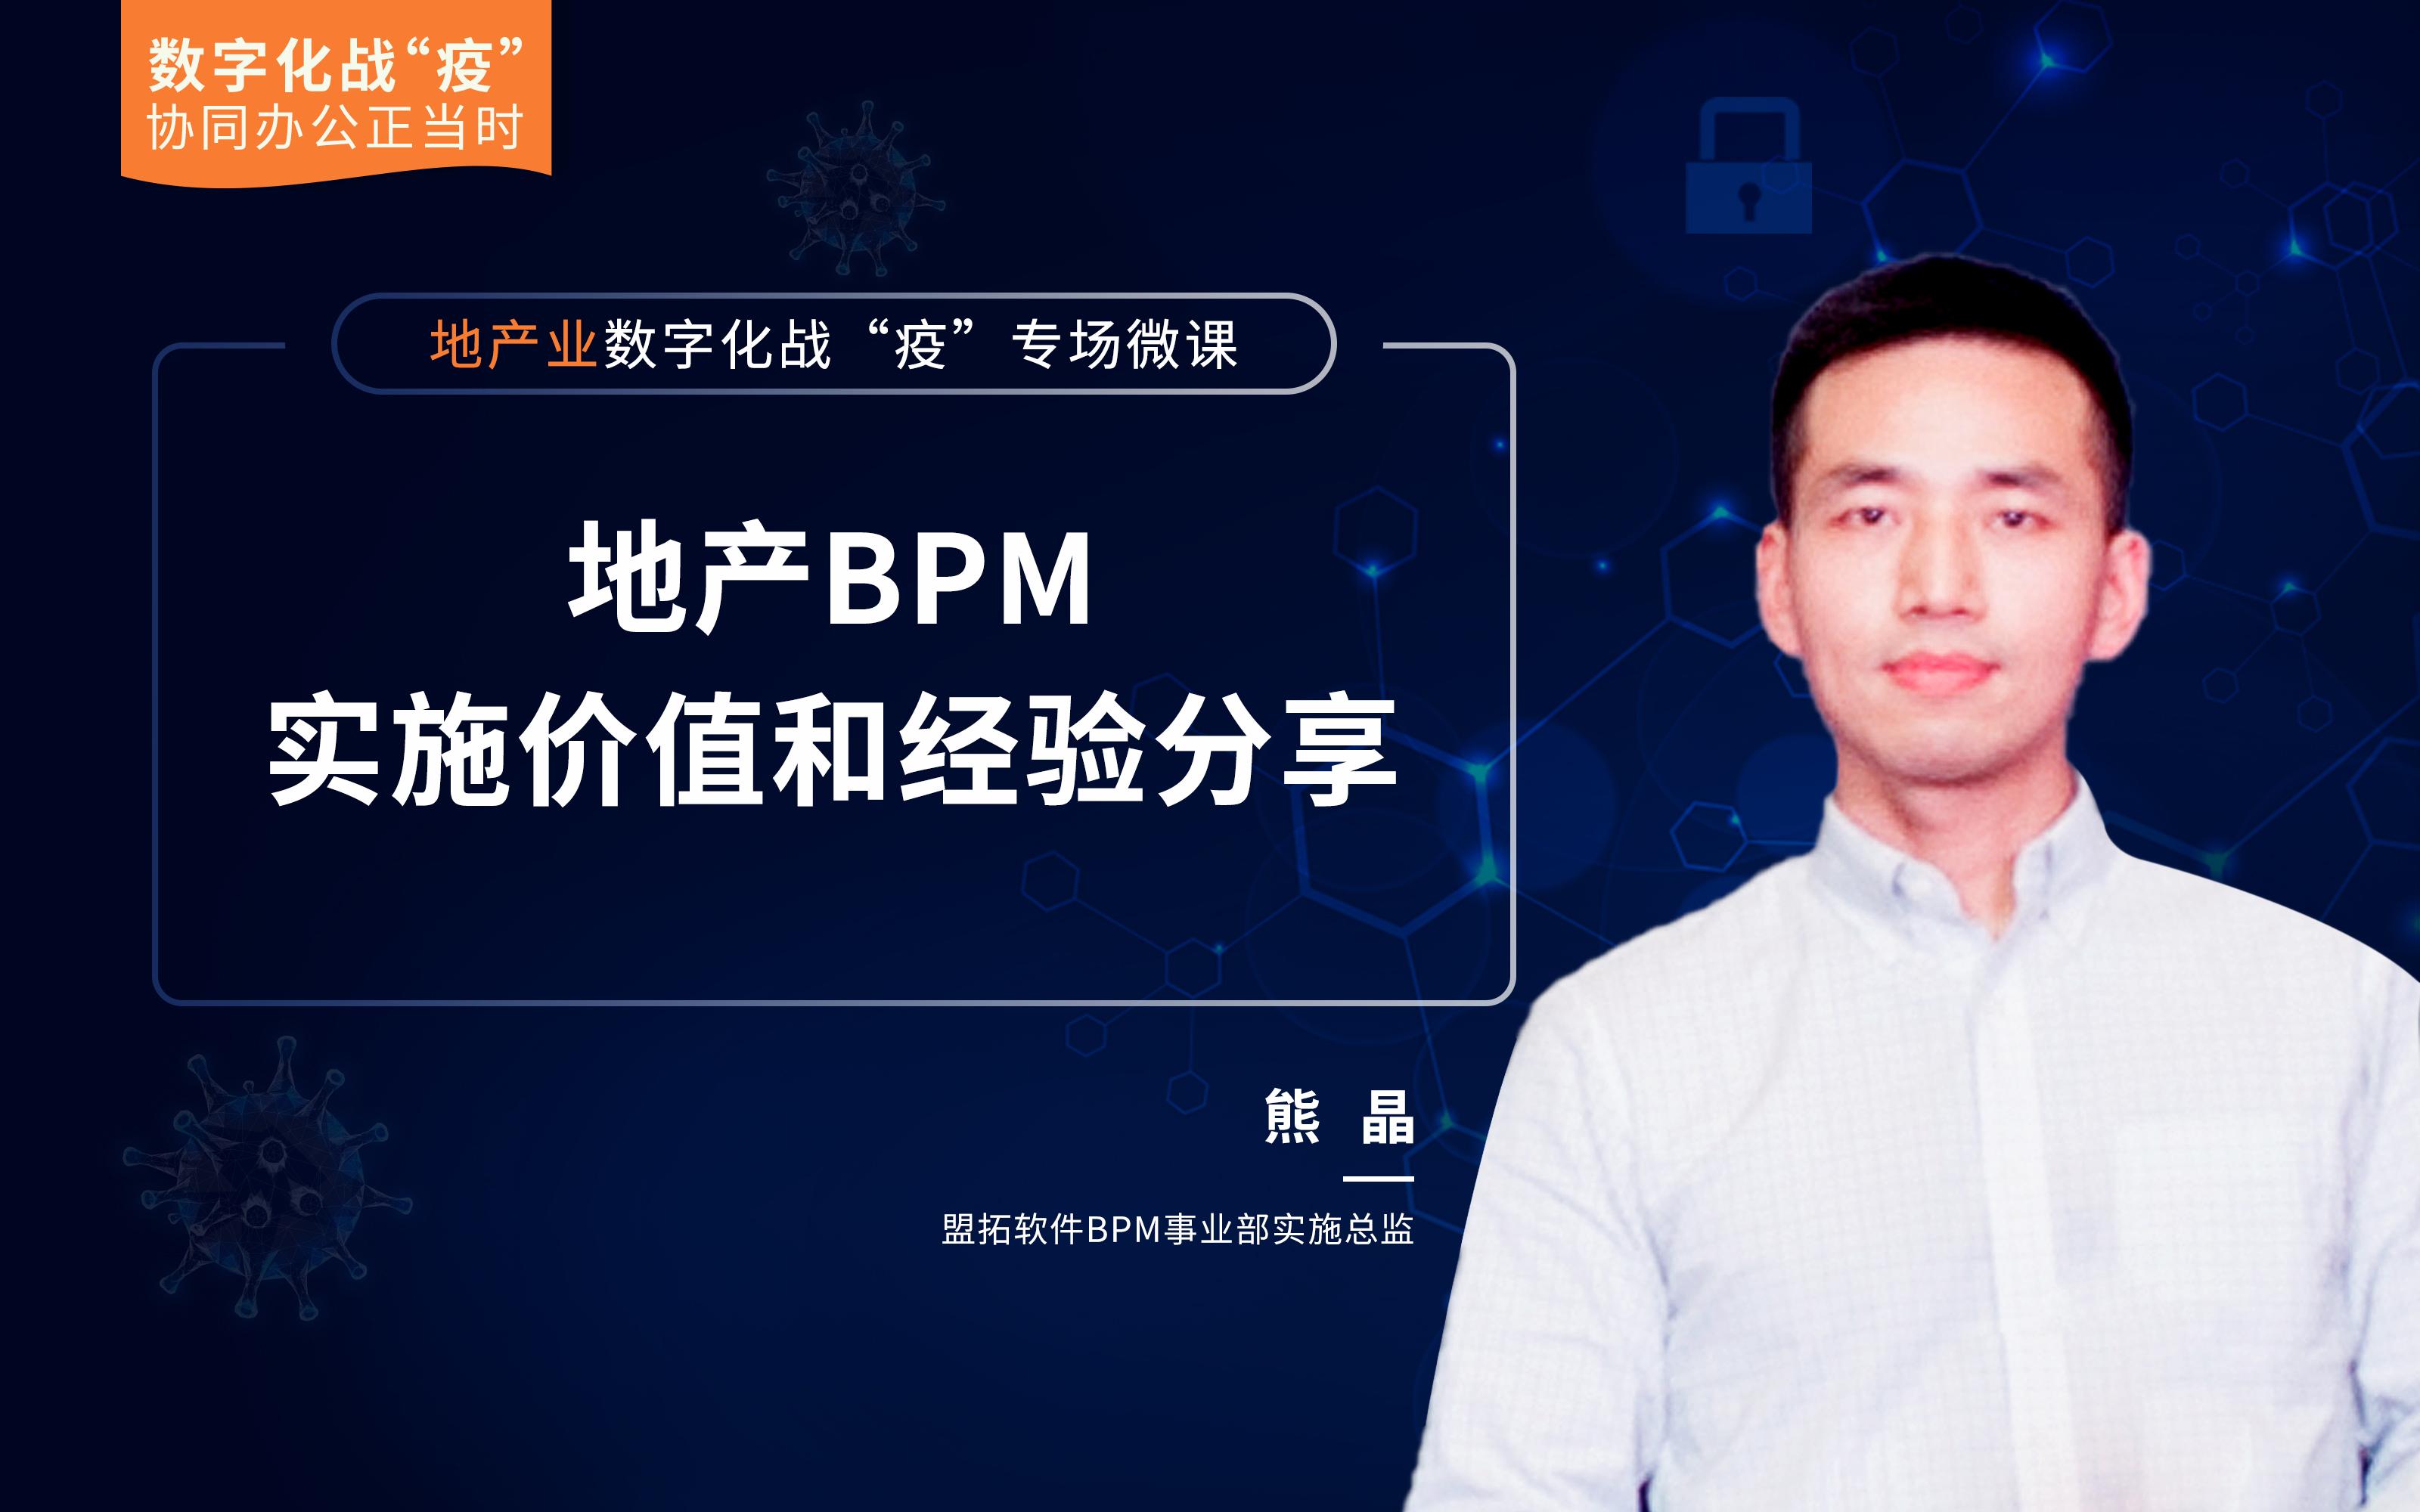 盟拓熊晶:地产BPM实施价值和经验分享